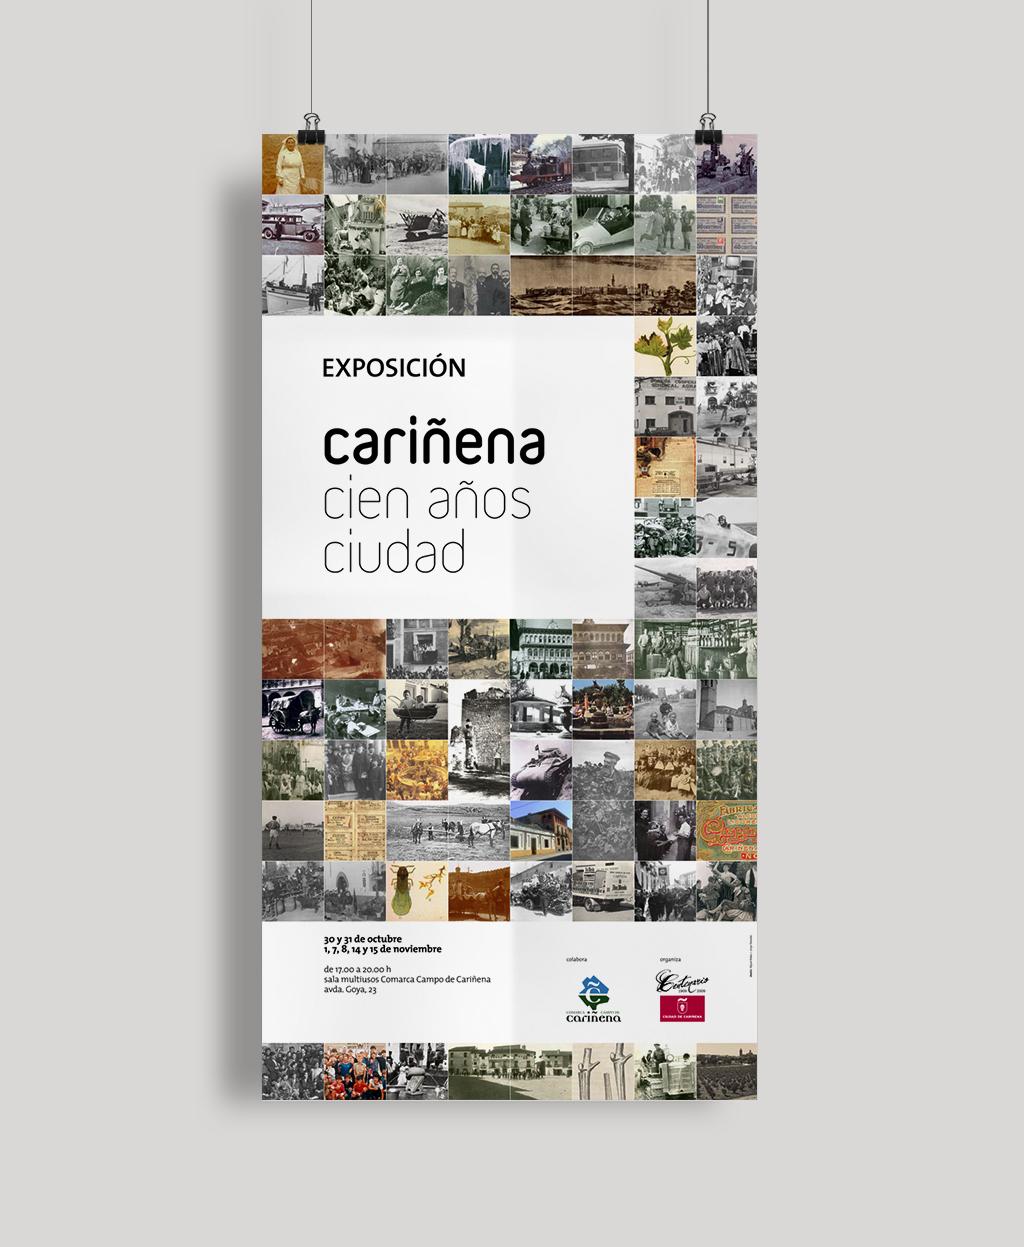 publicidad-carinena-cien-anos-ciudad-exposición